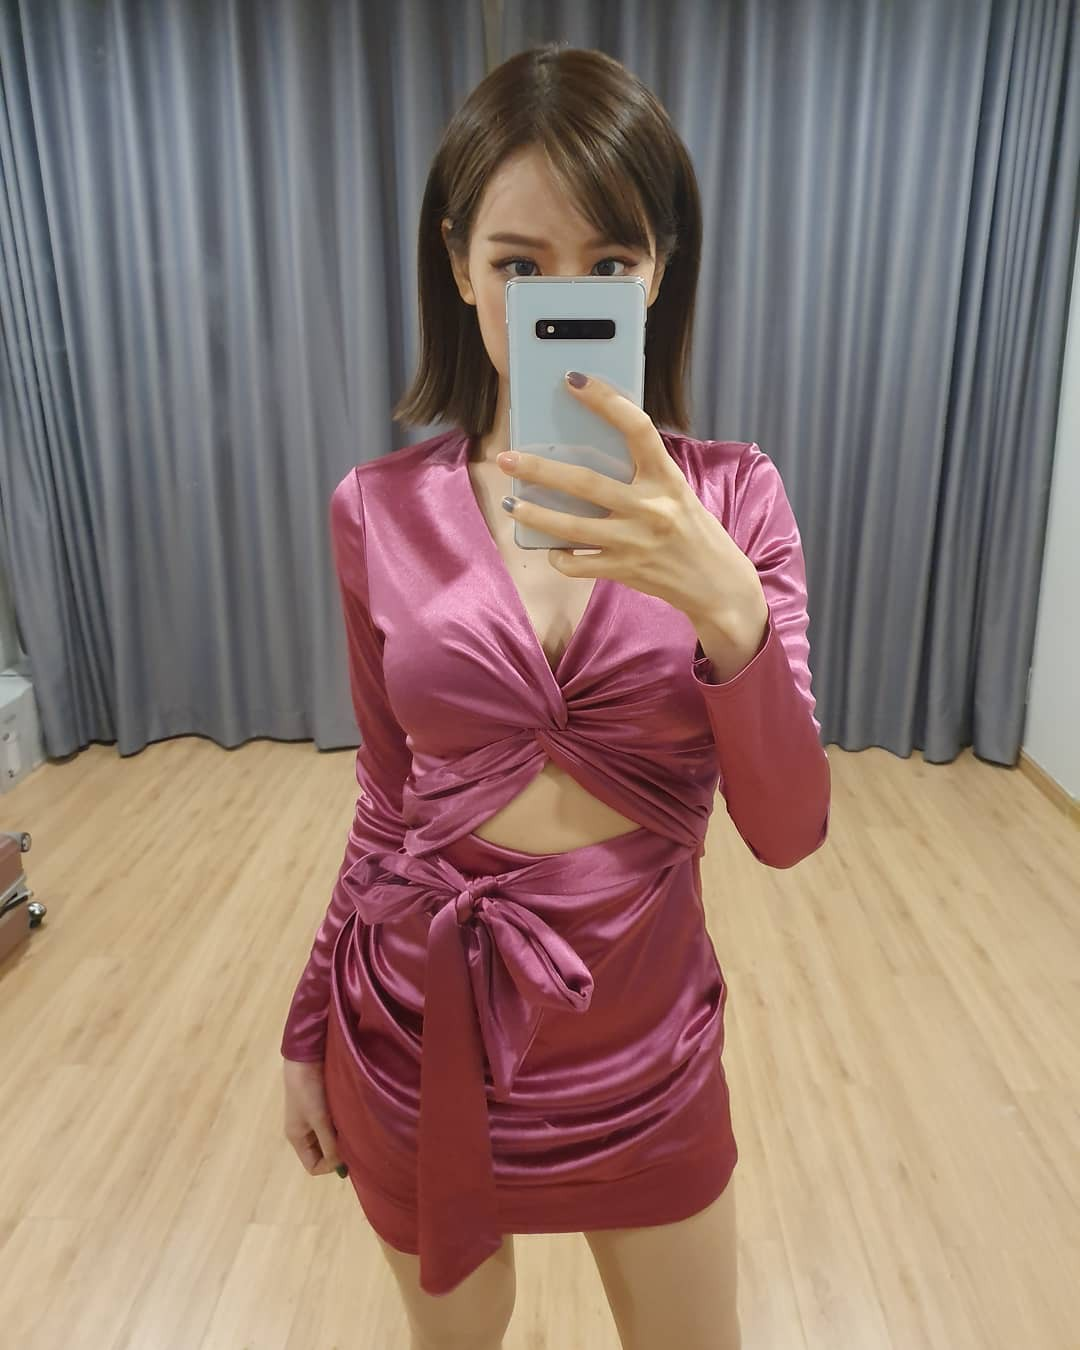 Giữa nghi vấn đạo nhạc, Min lại dính thêm nghi án diện hàng nhái mẫu váy đình đám của nàng tỷ phú Kylie Jenner - Ảnh 1.